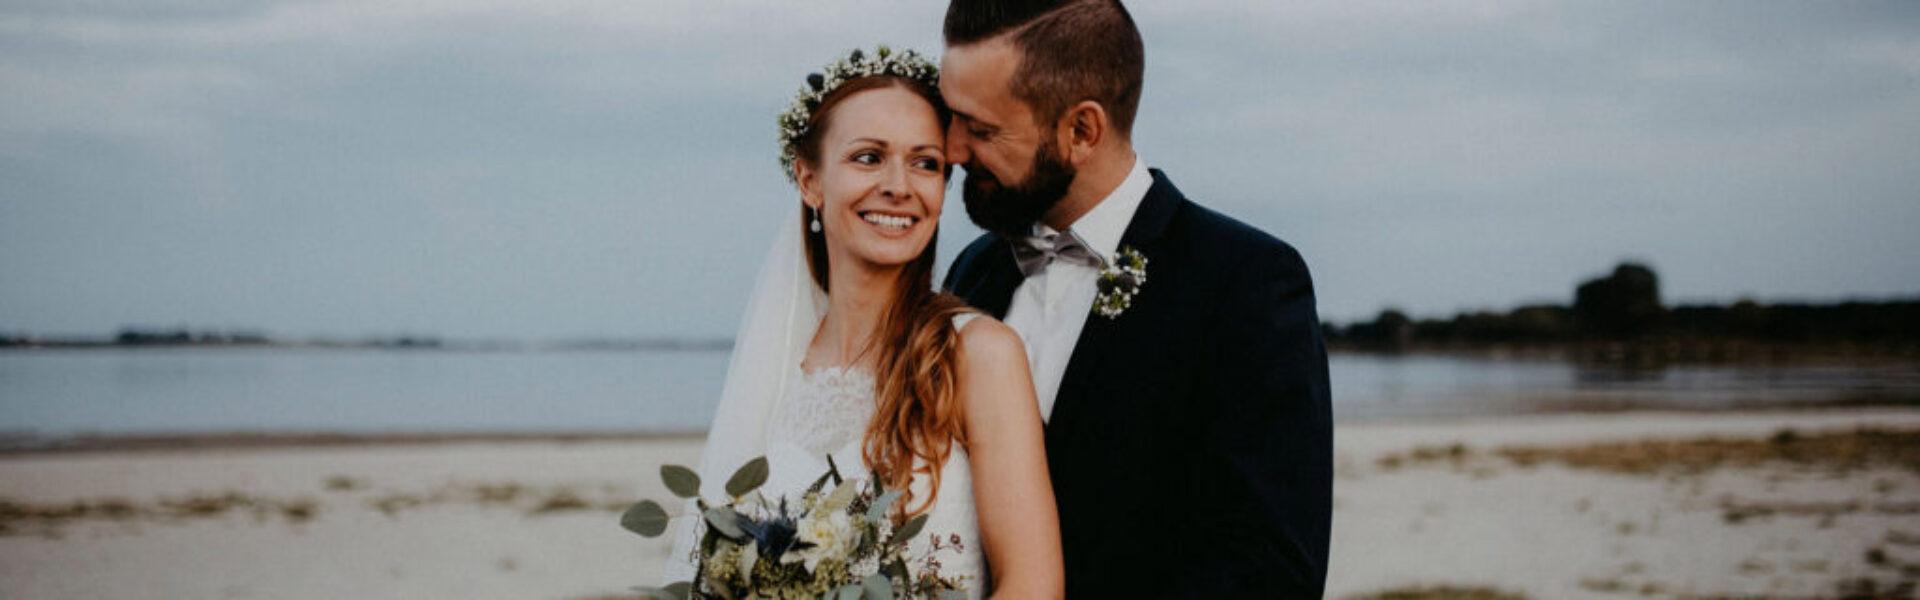 Hochzeitspaar am Strand. Der Bräutigam steht hinter der Braut und beide Strahlen vor Freude